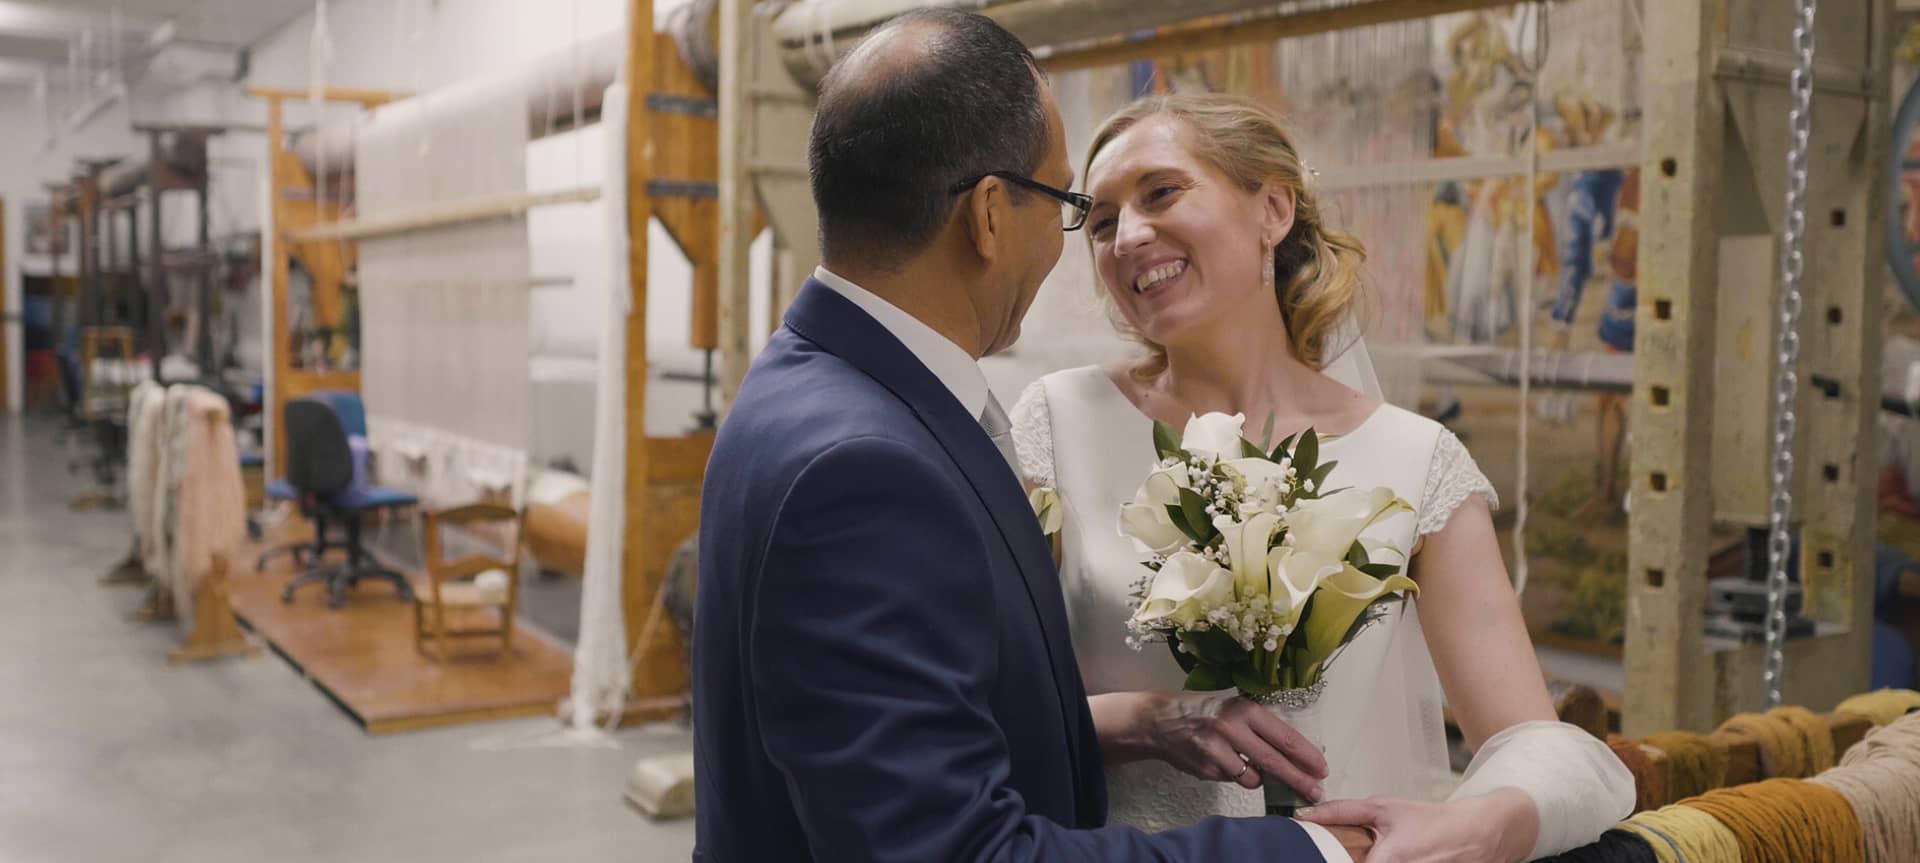 Enlace a boda Mer y Jhojan, novios posando en el pasillo central de la fabrica de tapices